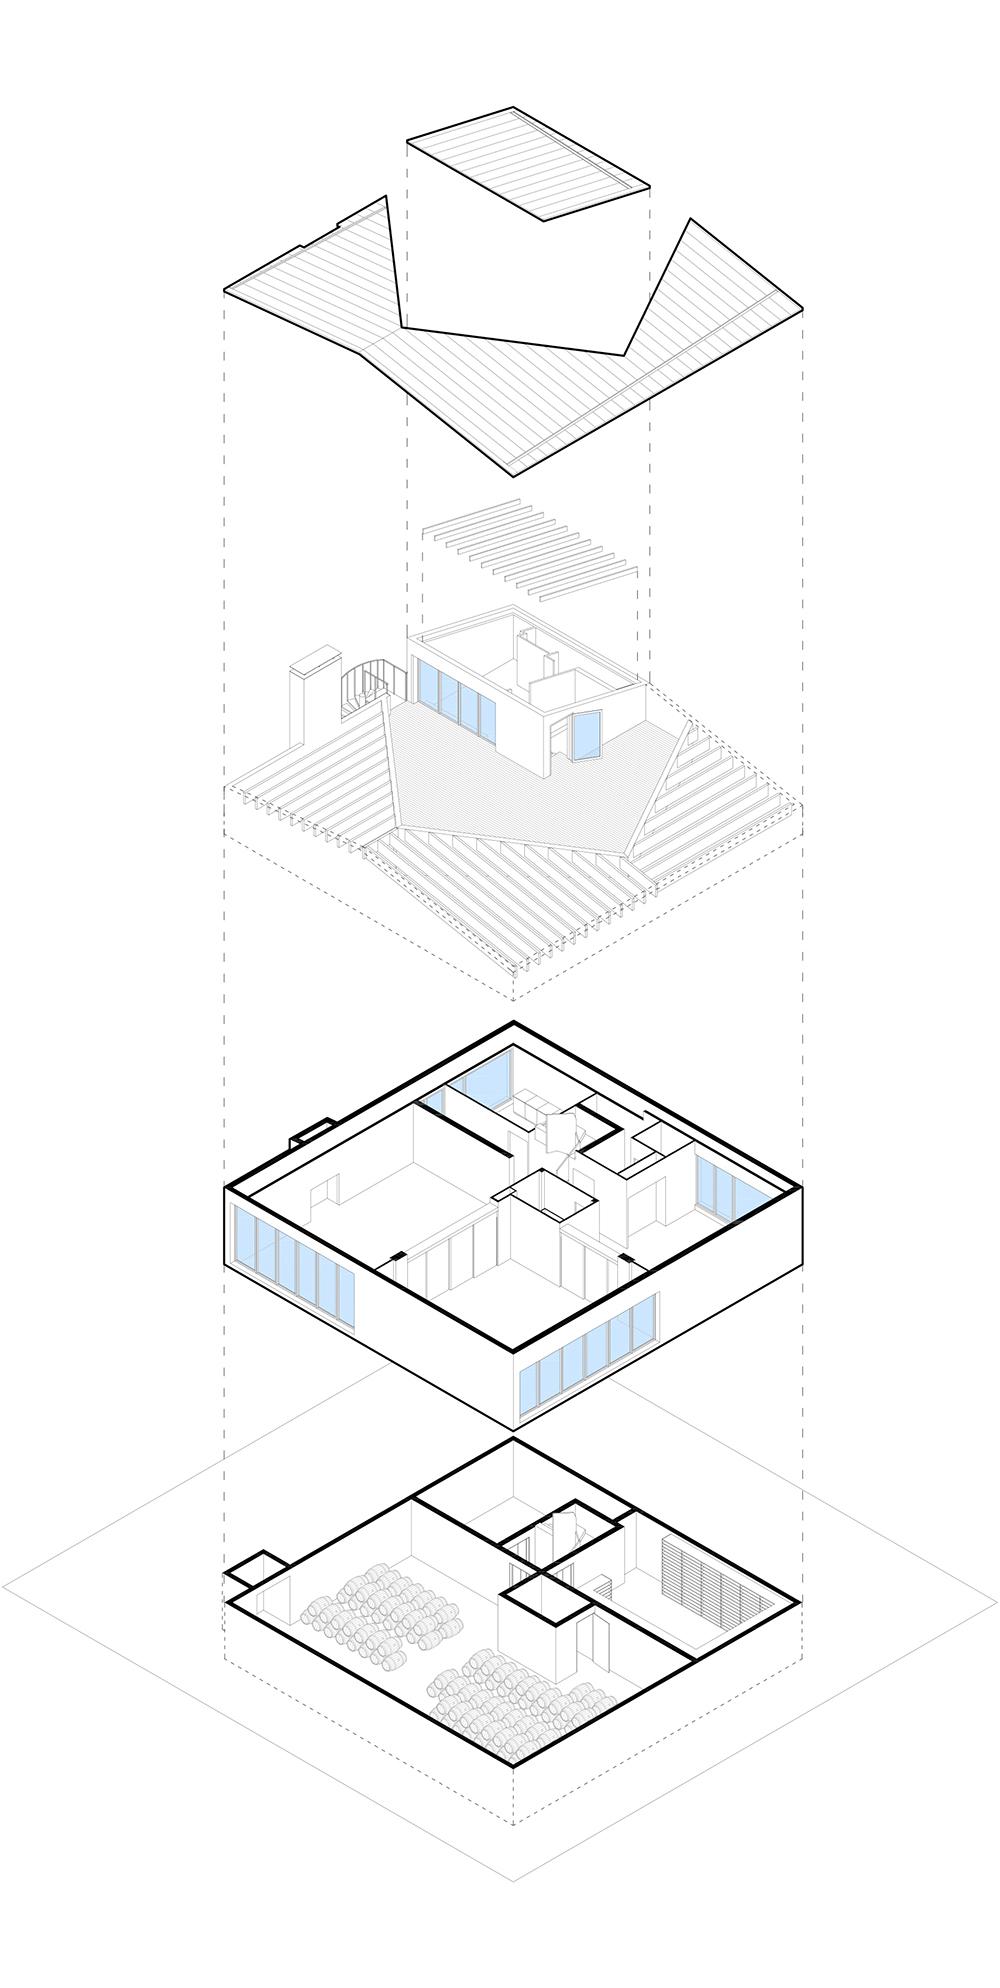 SERVFICHIERSDisque Serveur FichiersIV-COMMUNICATION2-PROJE